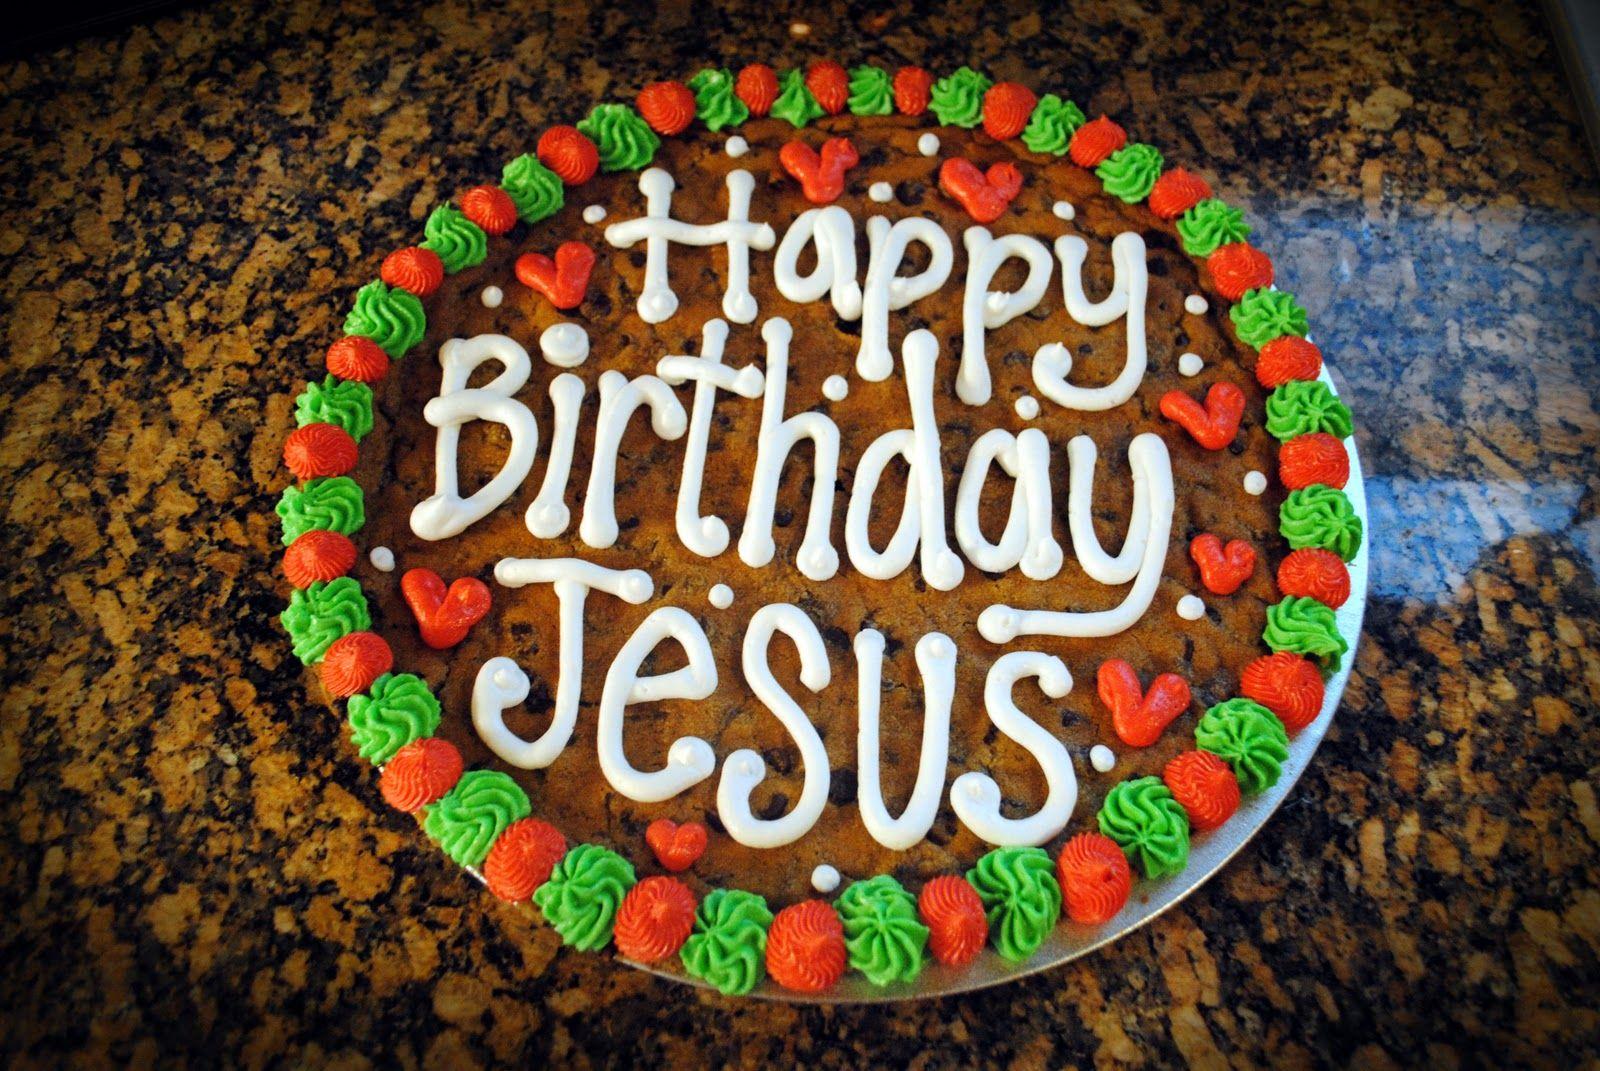 23 marvelous photo of happy birthday jesus cake